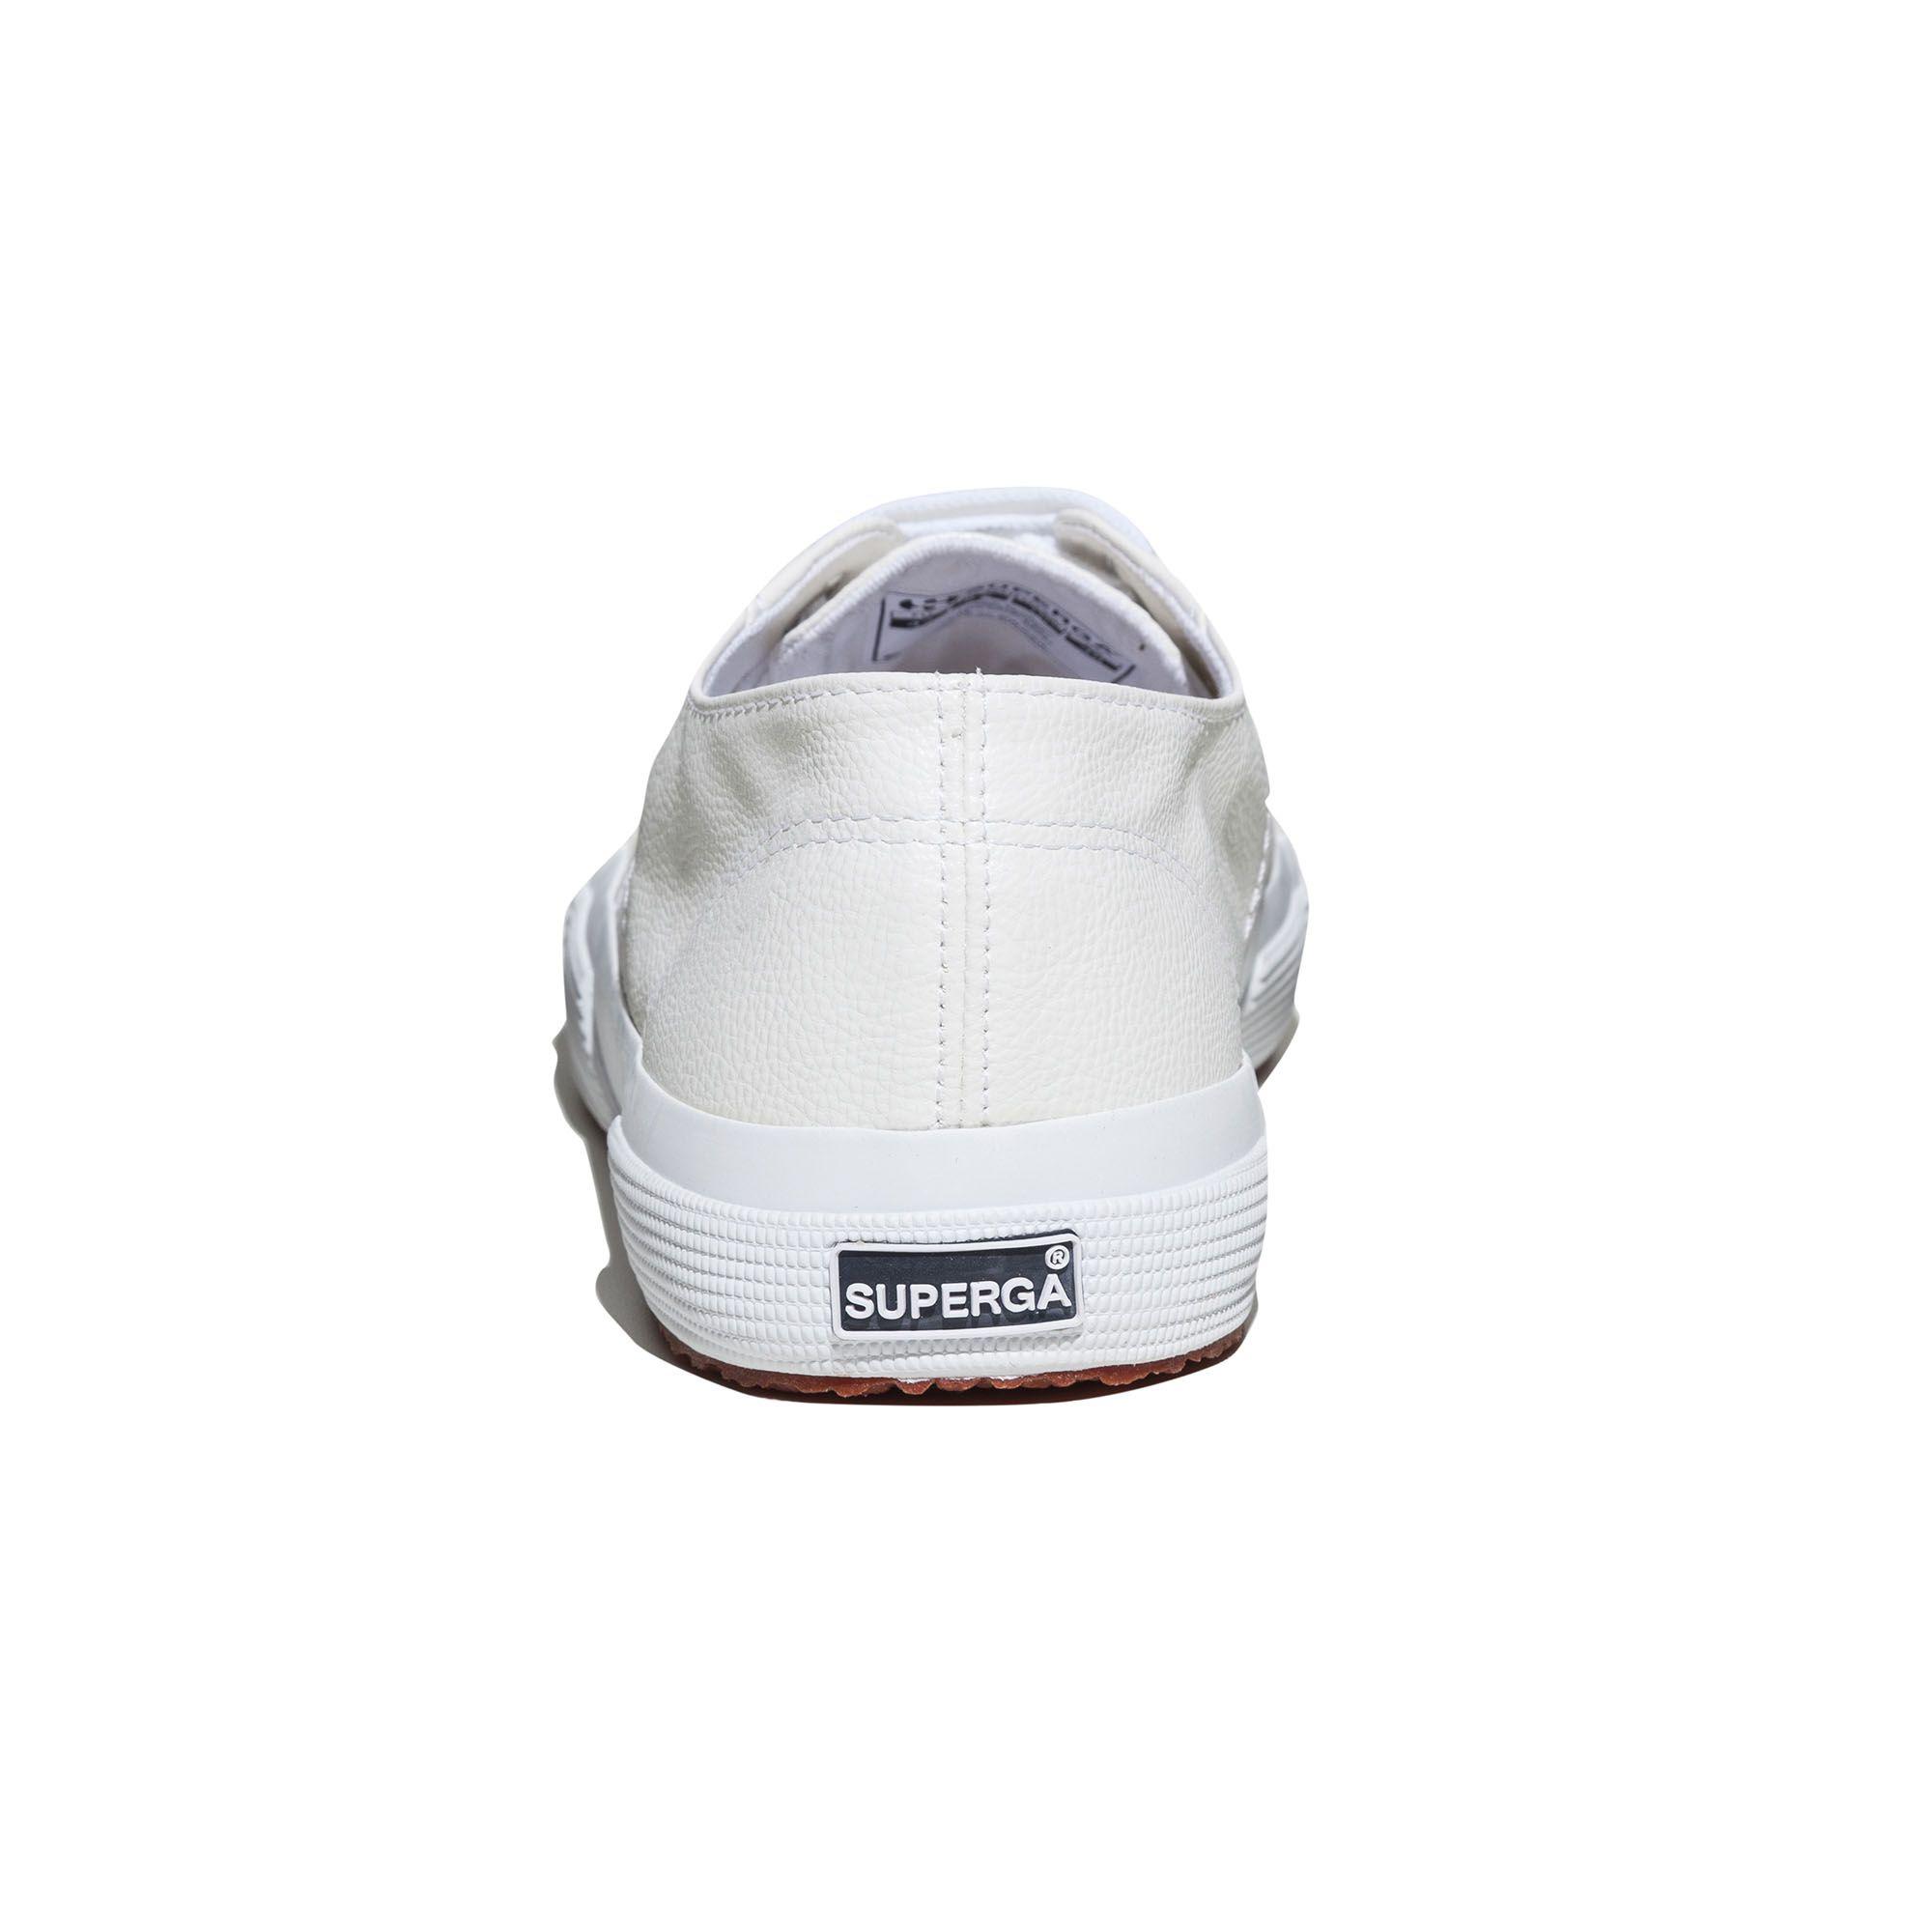 2750 FGLU MASCULINO WHITE